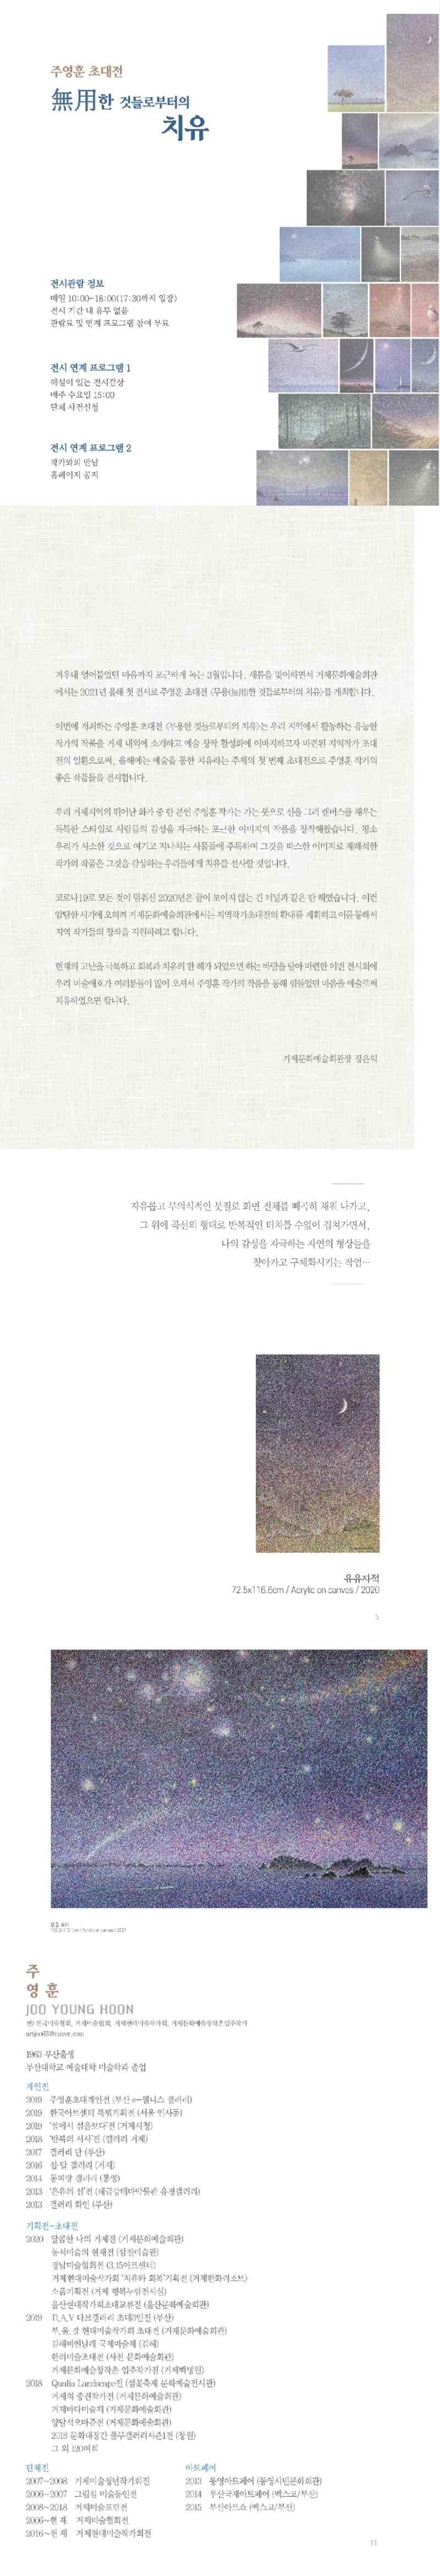 주영훈 초대전 '무용한 것들로부터의 치유' 상세보기